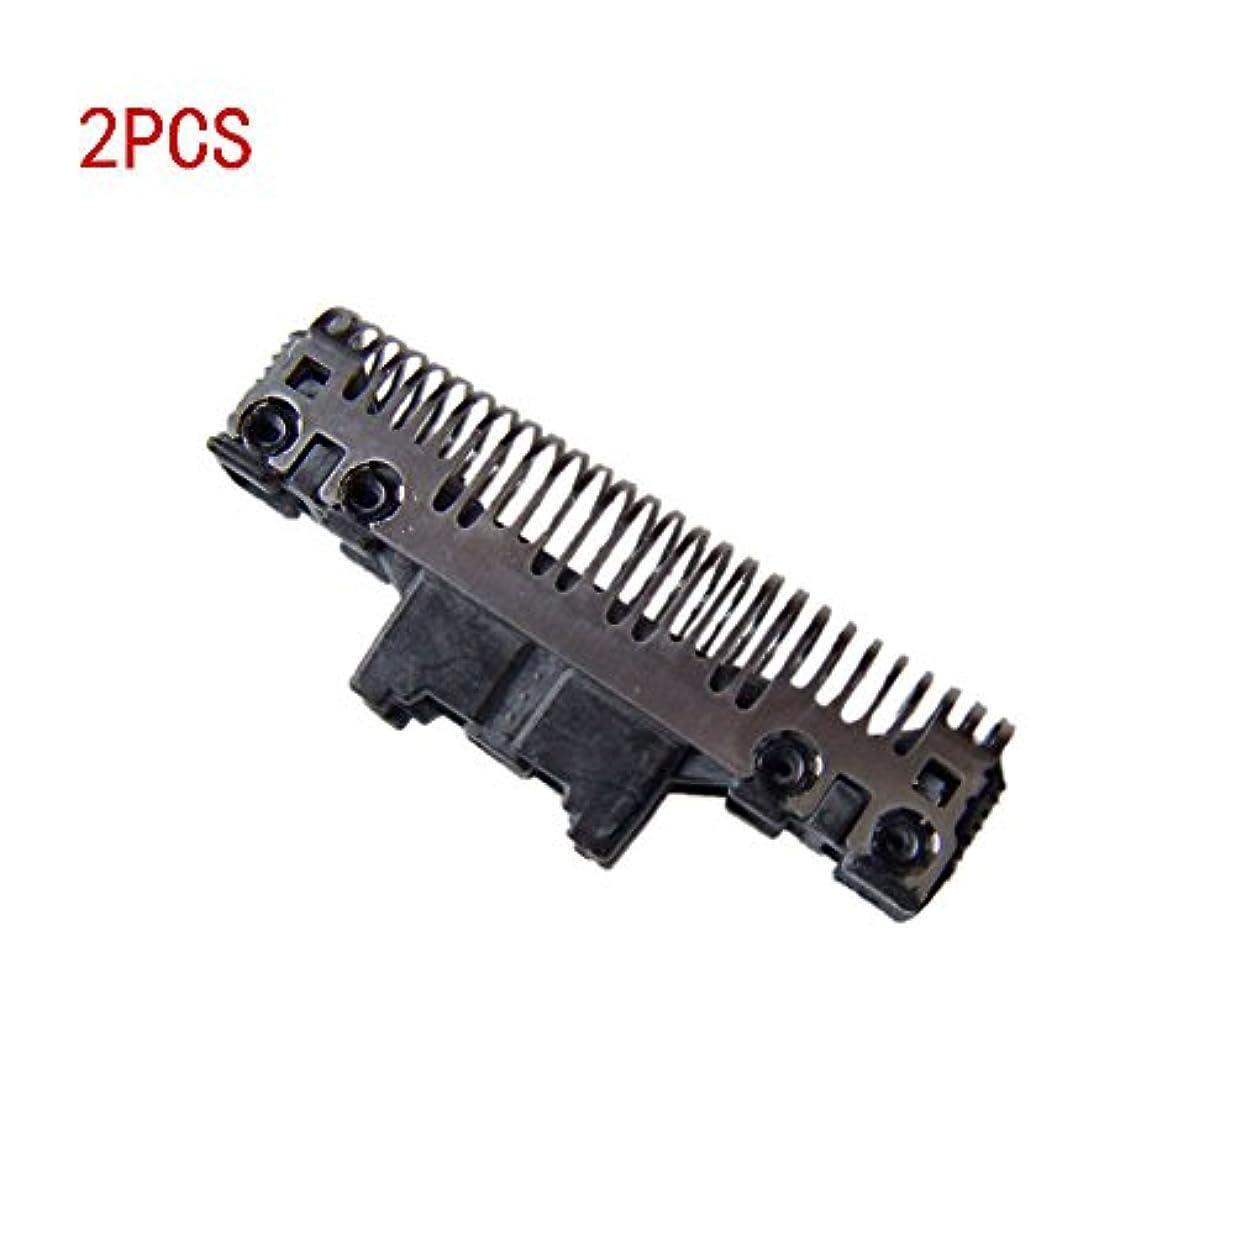 物質経由で最小化するHzjundasi シェーバーパーツ 部品 内刃 往復式シェーバー替刃 耐用 高質量 for Panasonic ES9072/7021/7022/7023/7026/7027/7006/7007